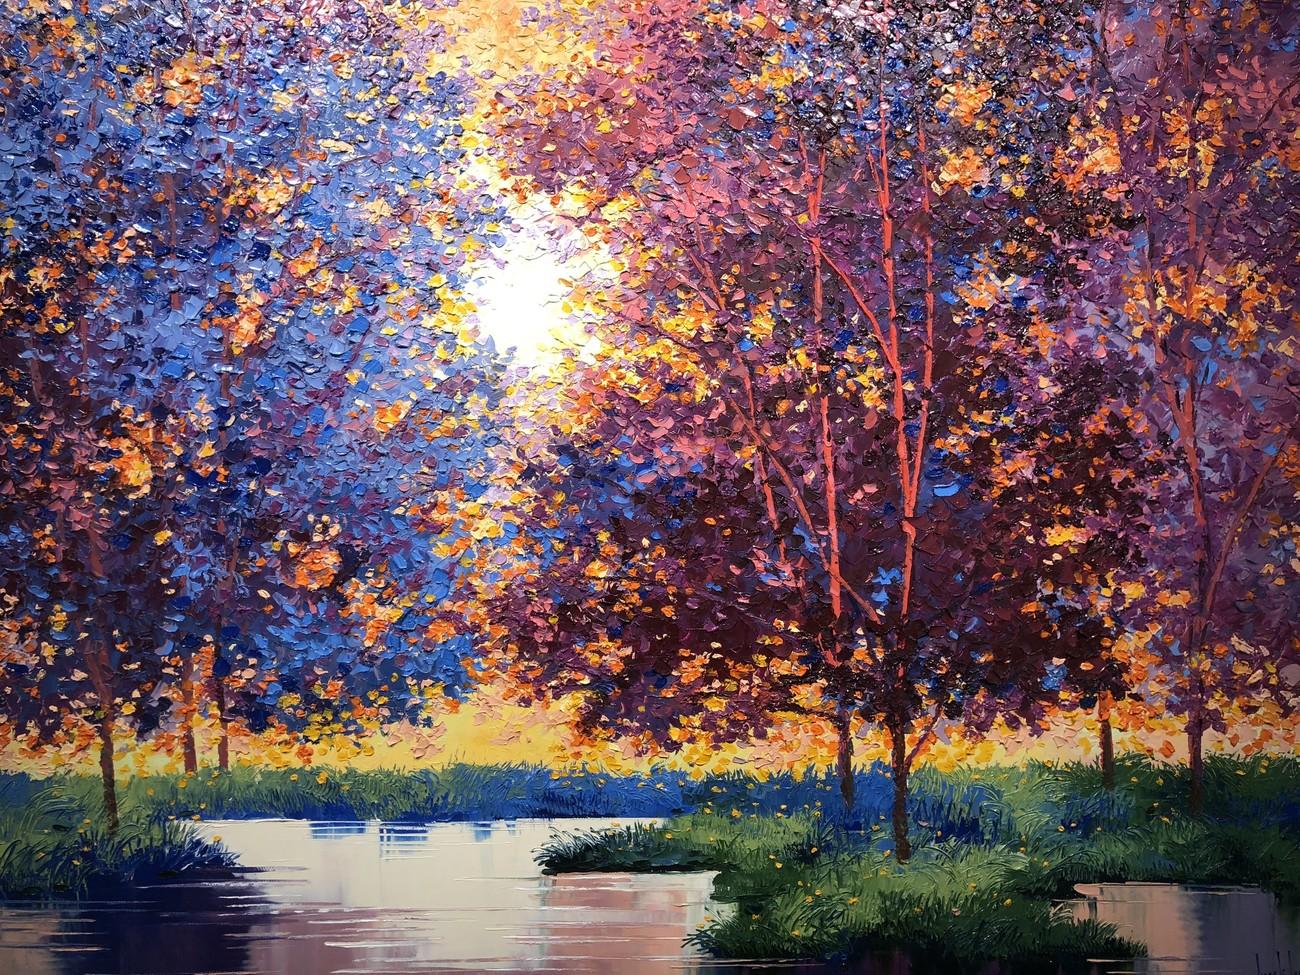 """Đắm chìm trong những bức họa thiên nhiên tại triển lãm """"Sức Sống Mộc Nhiên"""" ảnh 5"""